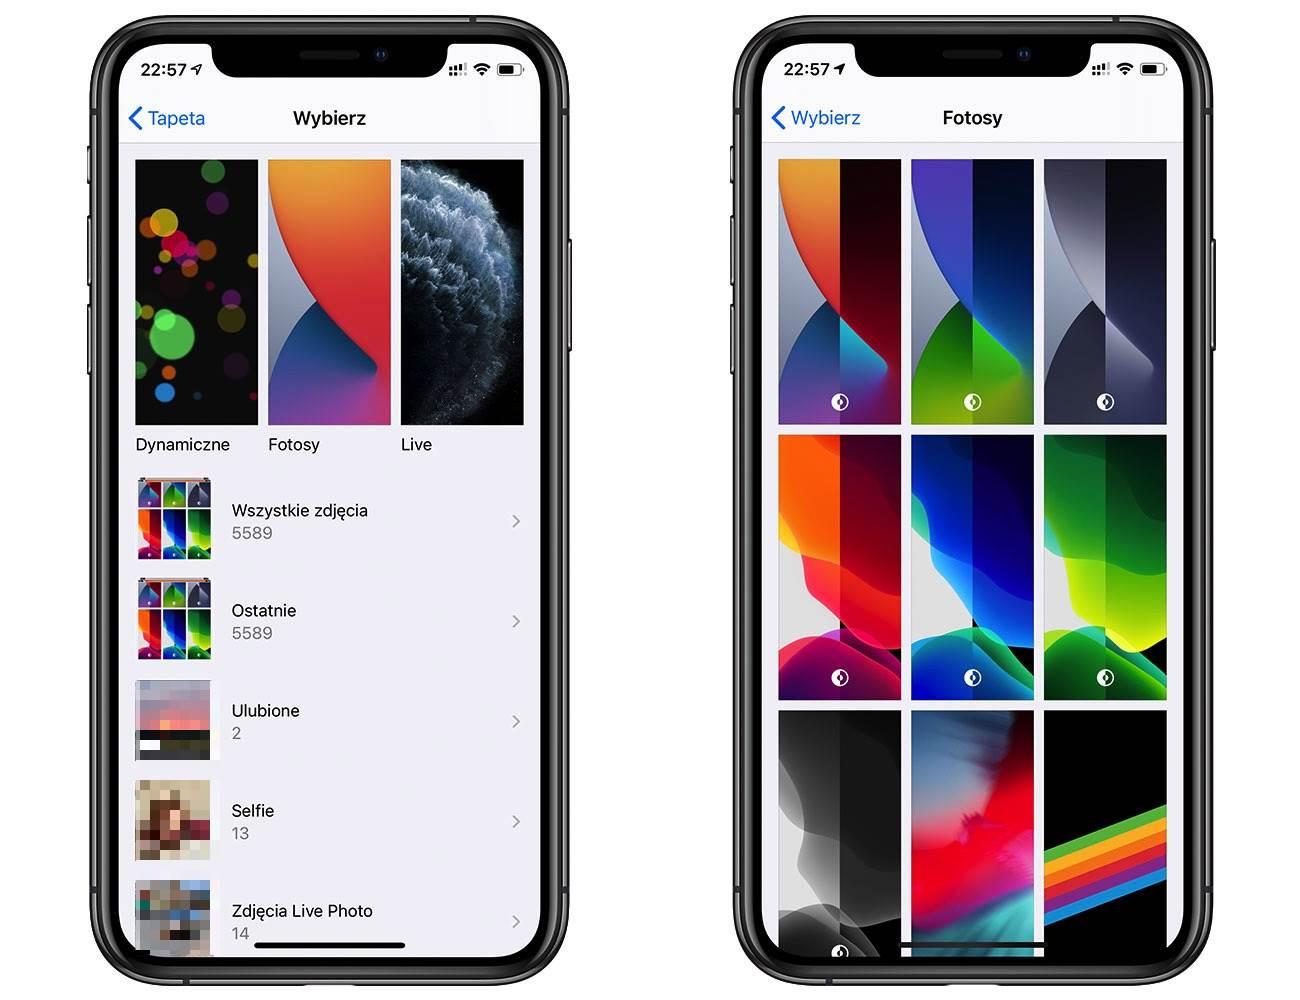 iOS 14 - polskie screeny polecane, ciekawostki zrzuty ekranu, screeny, polskie screeny z iOS 14 beta 1, polskie screeny z iOS 14, jak wygląda iOS 14 beta, jak wyglada iOS 14, iOS 14 z bliska, iOS 14 screeny, iOS 14 beta screeny, iOS, Apple  Pierwsza beta iOS 14 jest już w naszych rękach, więc przygotowaliśmy dla Was polskie screeny z najnowszej wersji iOS. iOS14beta1 3 2